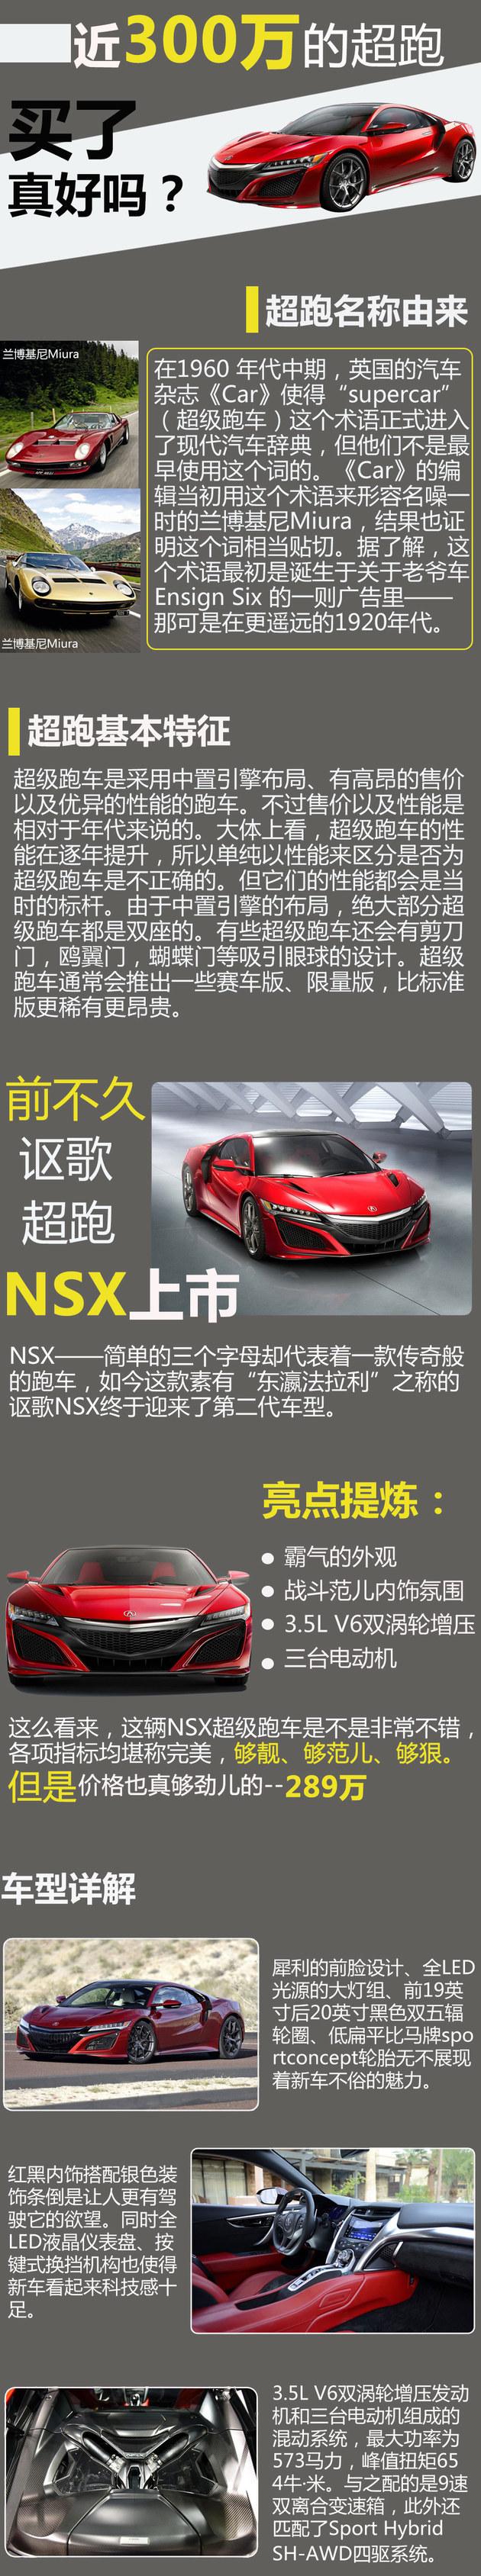 将近300万讴歌NSX超跑 买了真的好吗?